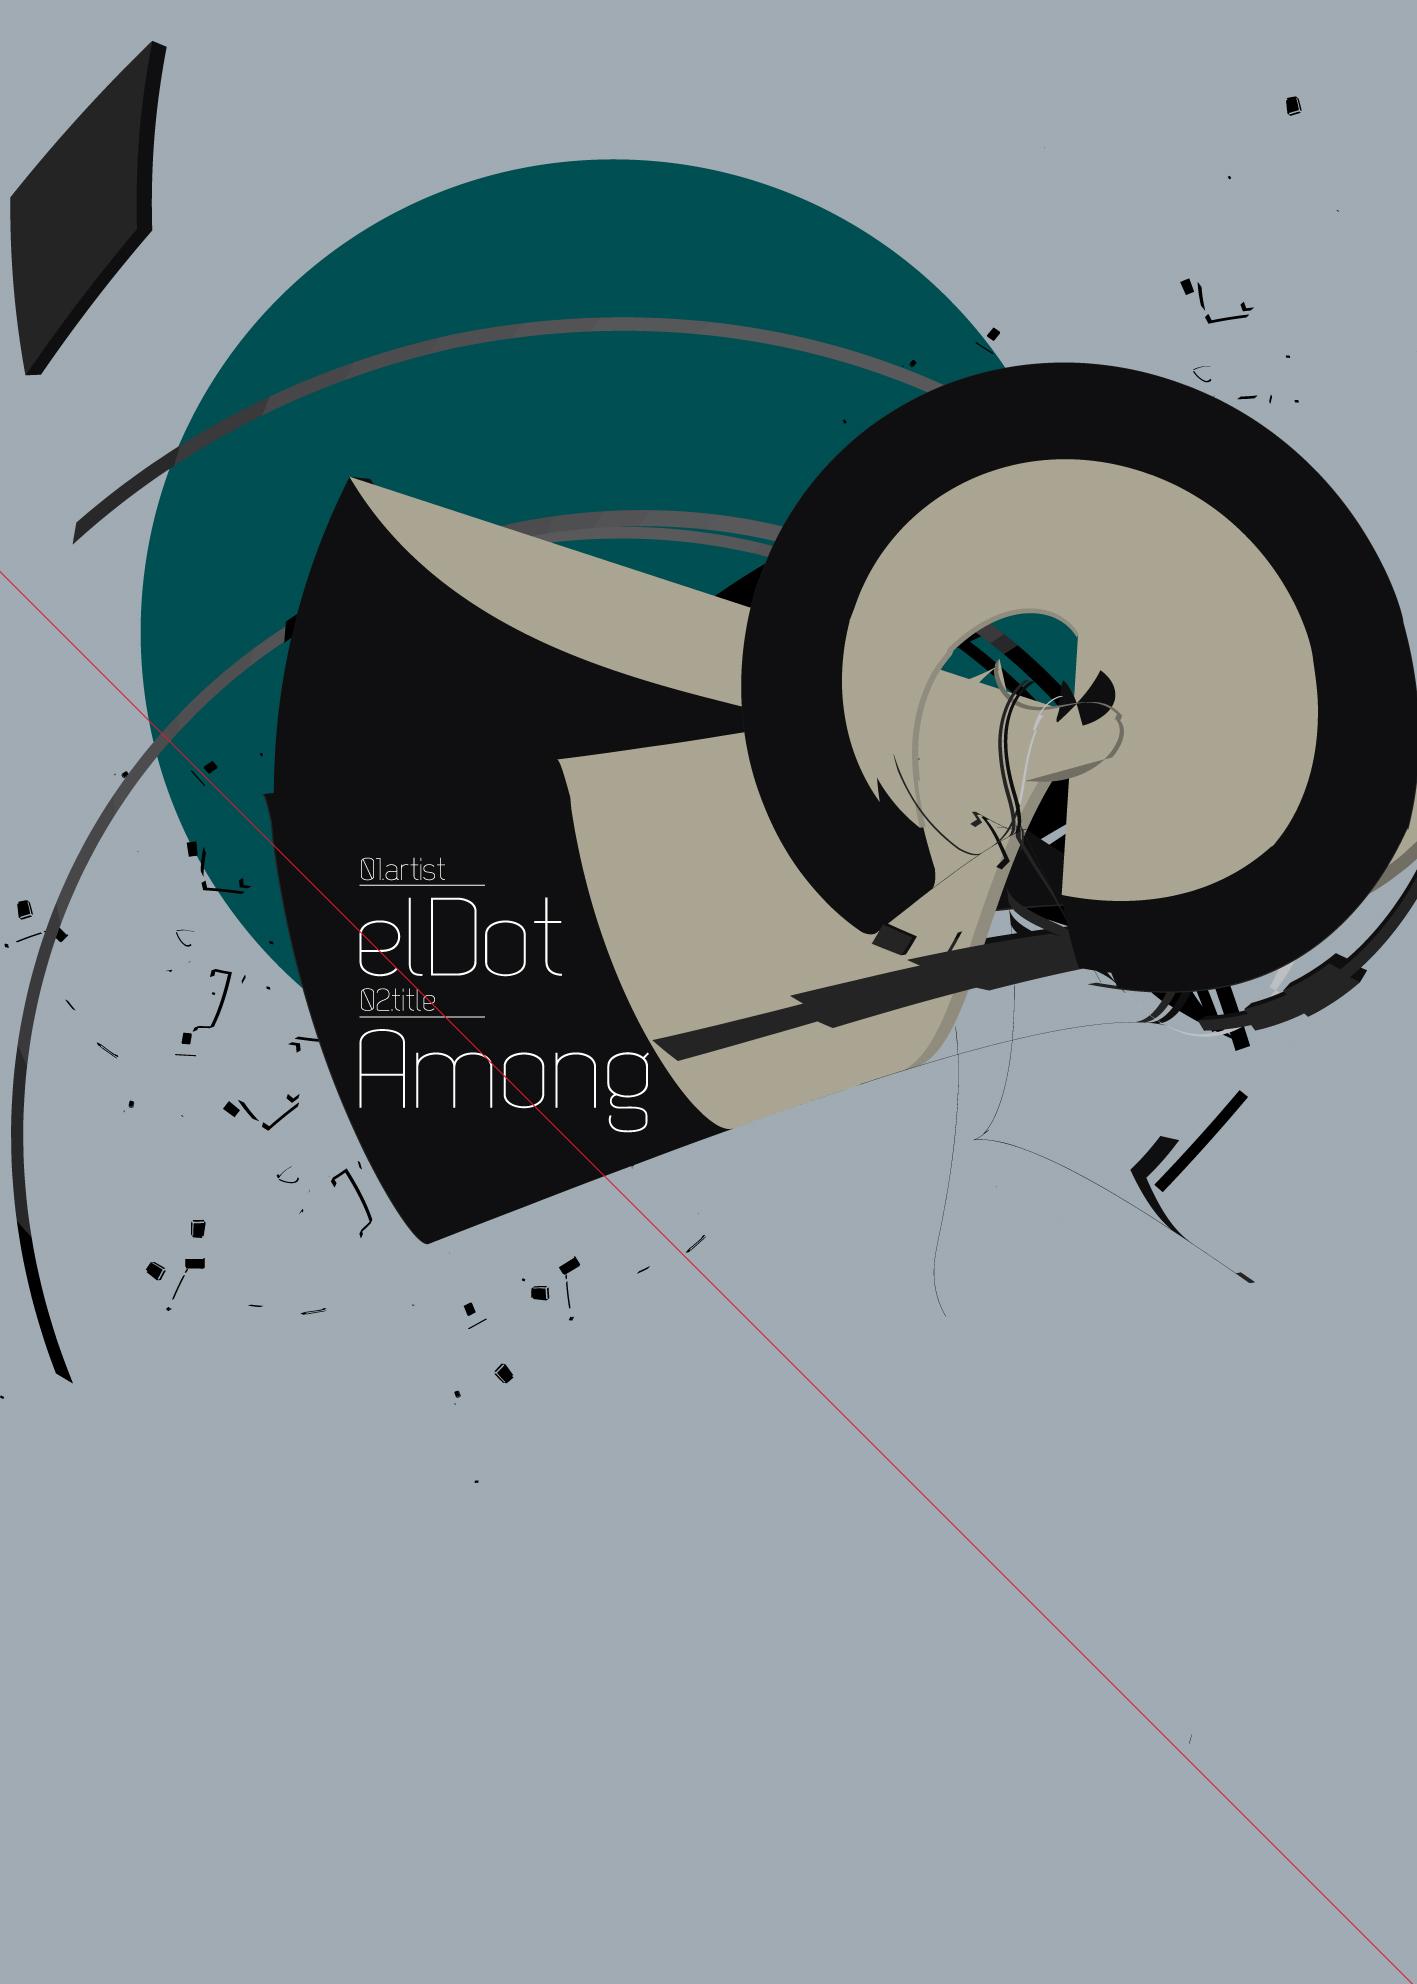 eldot_among_cover